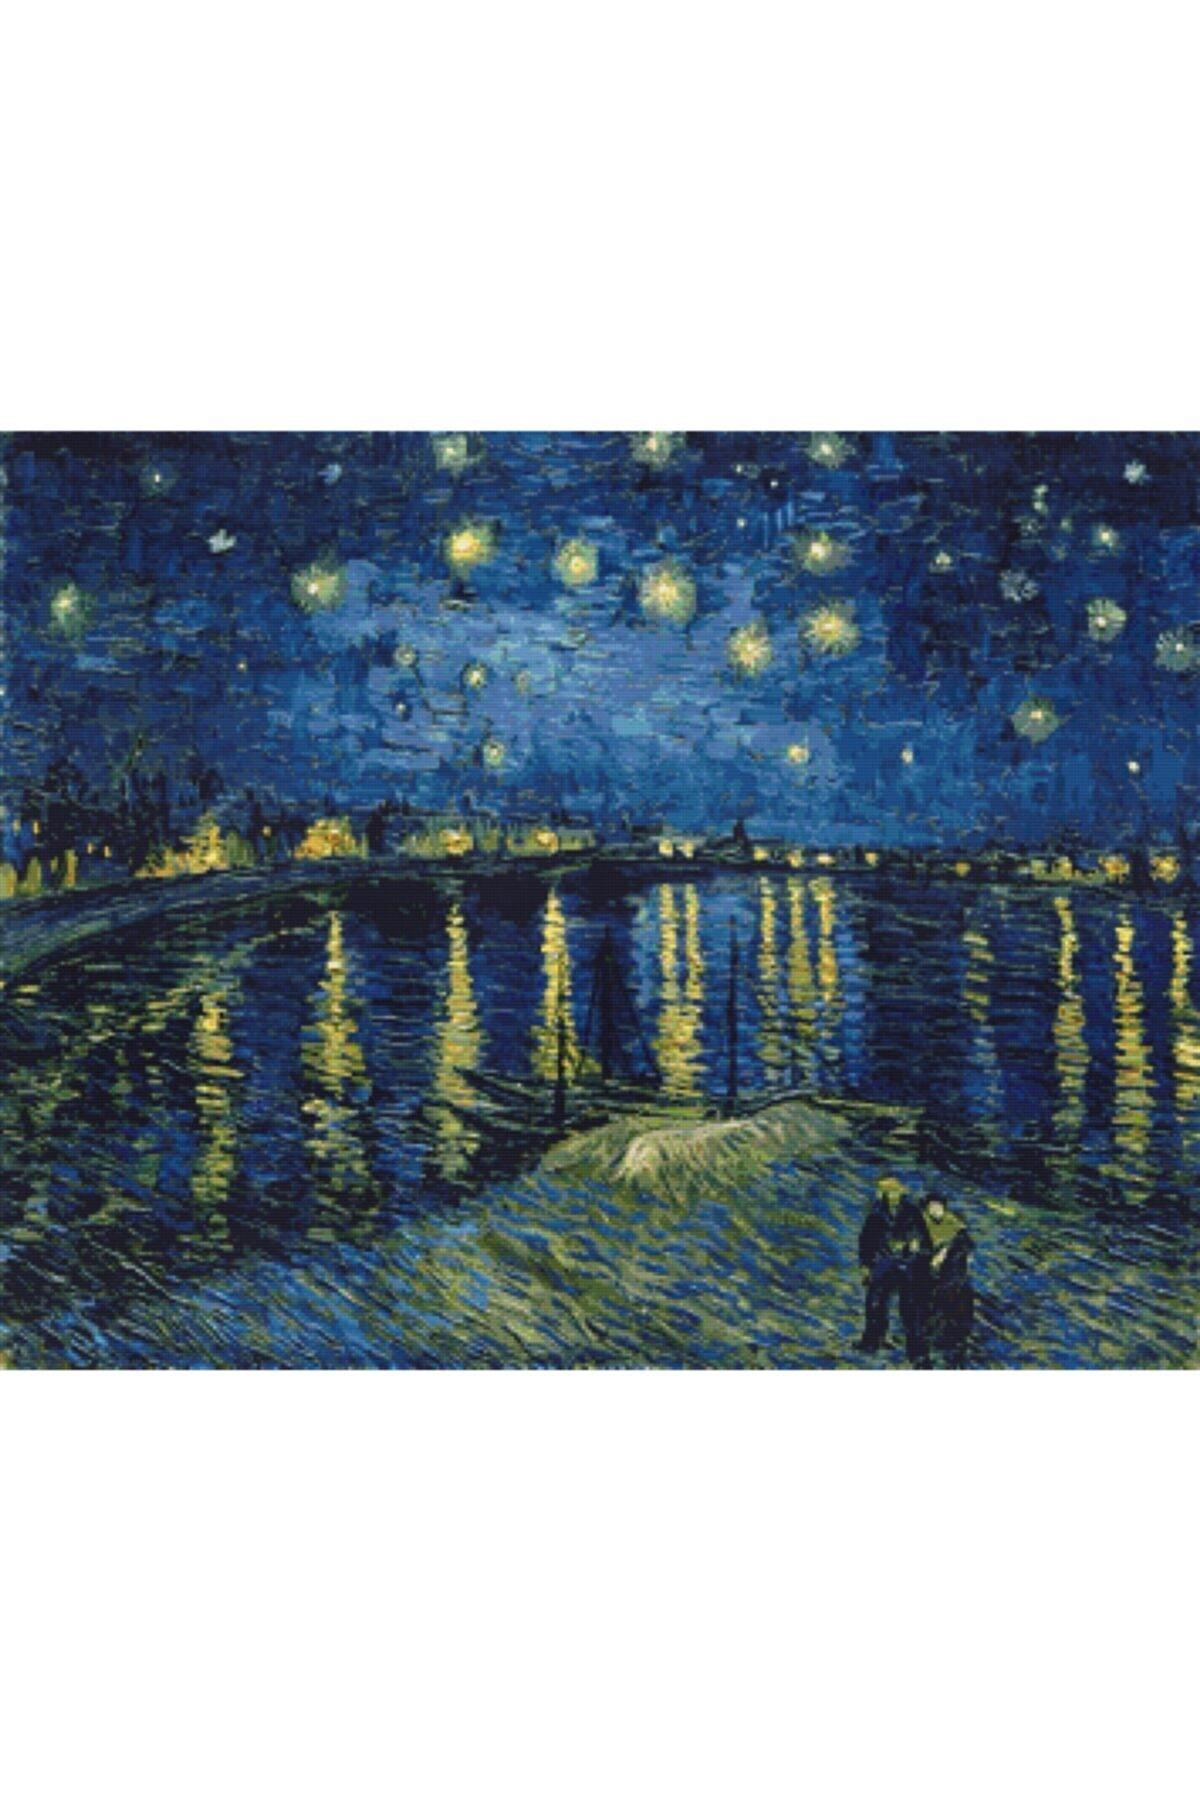 MOVAS Sanat Rhone Üzerinde Yıldızlı Gece Vincent Van Gogh Elmas Mozaik Tablo/puzzle 50x39cm E2020409 1